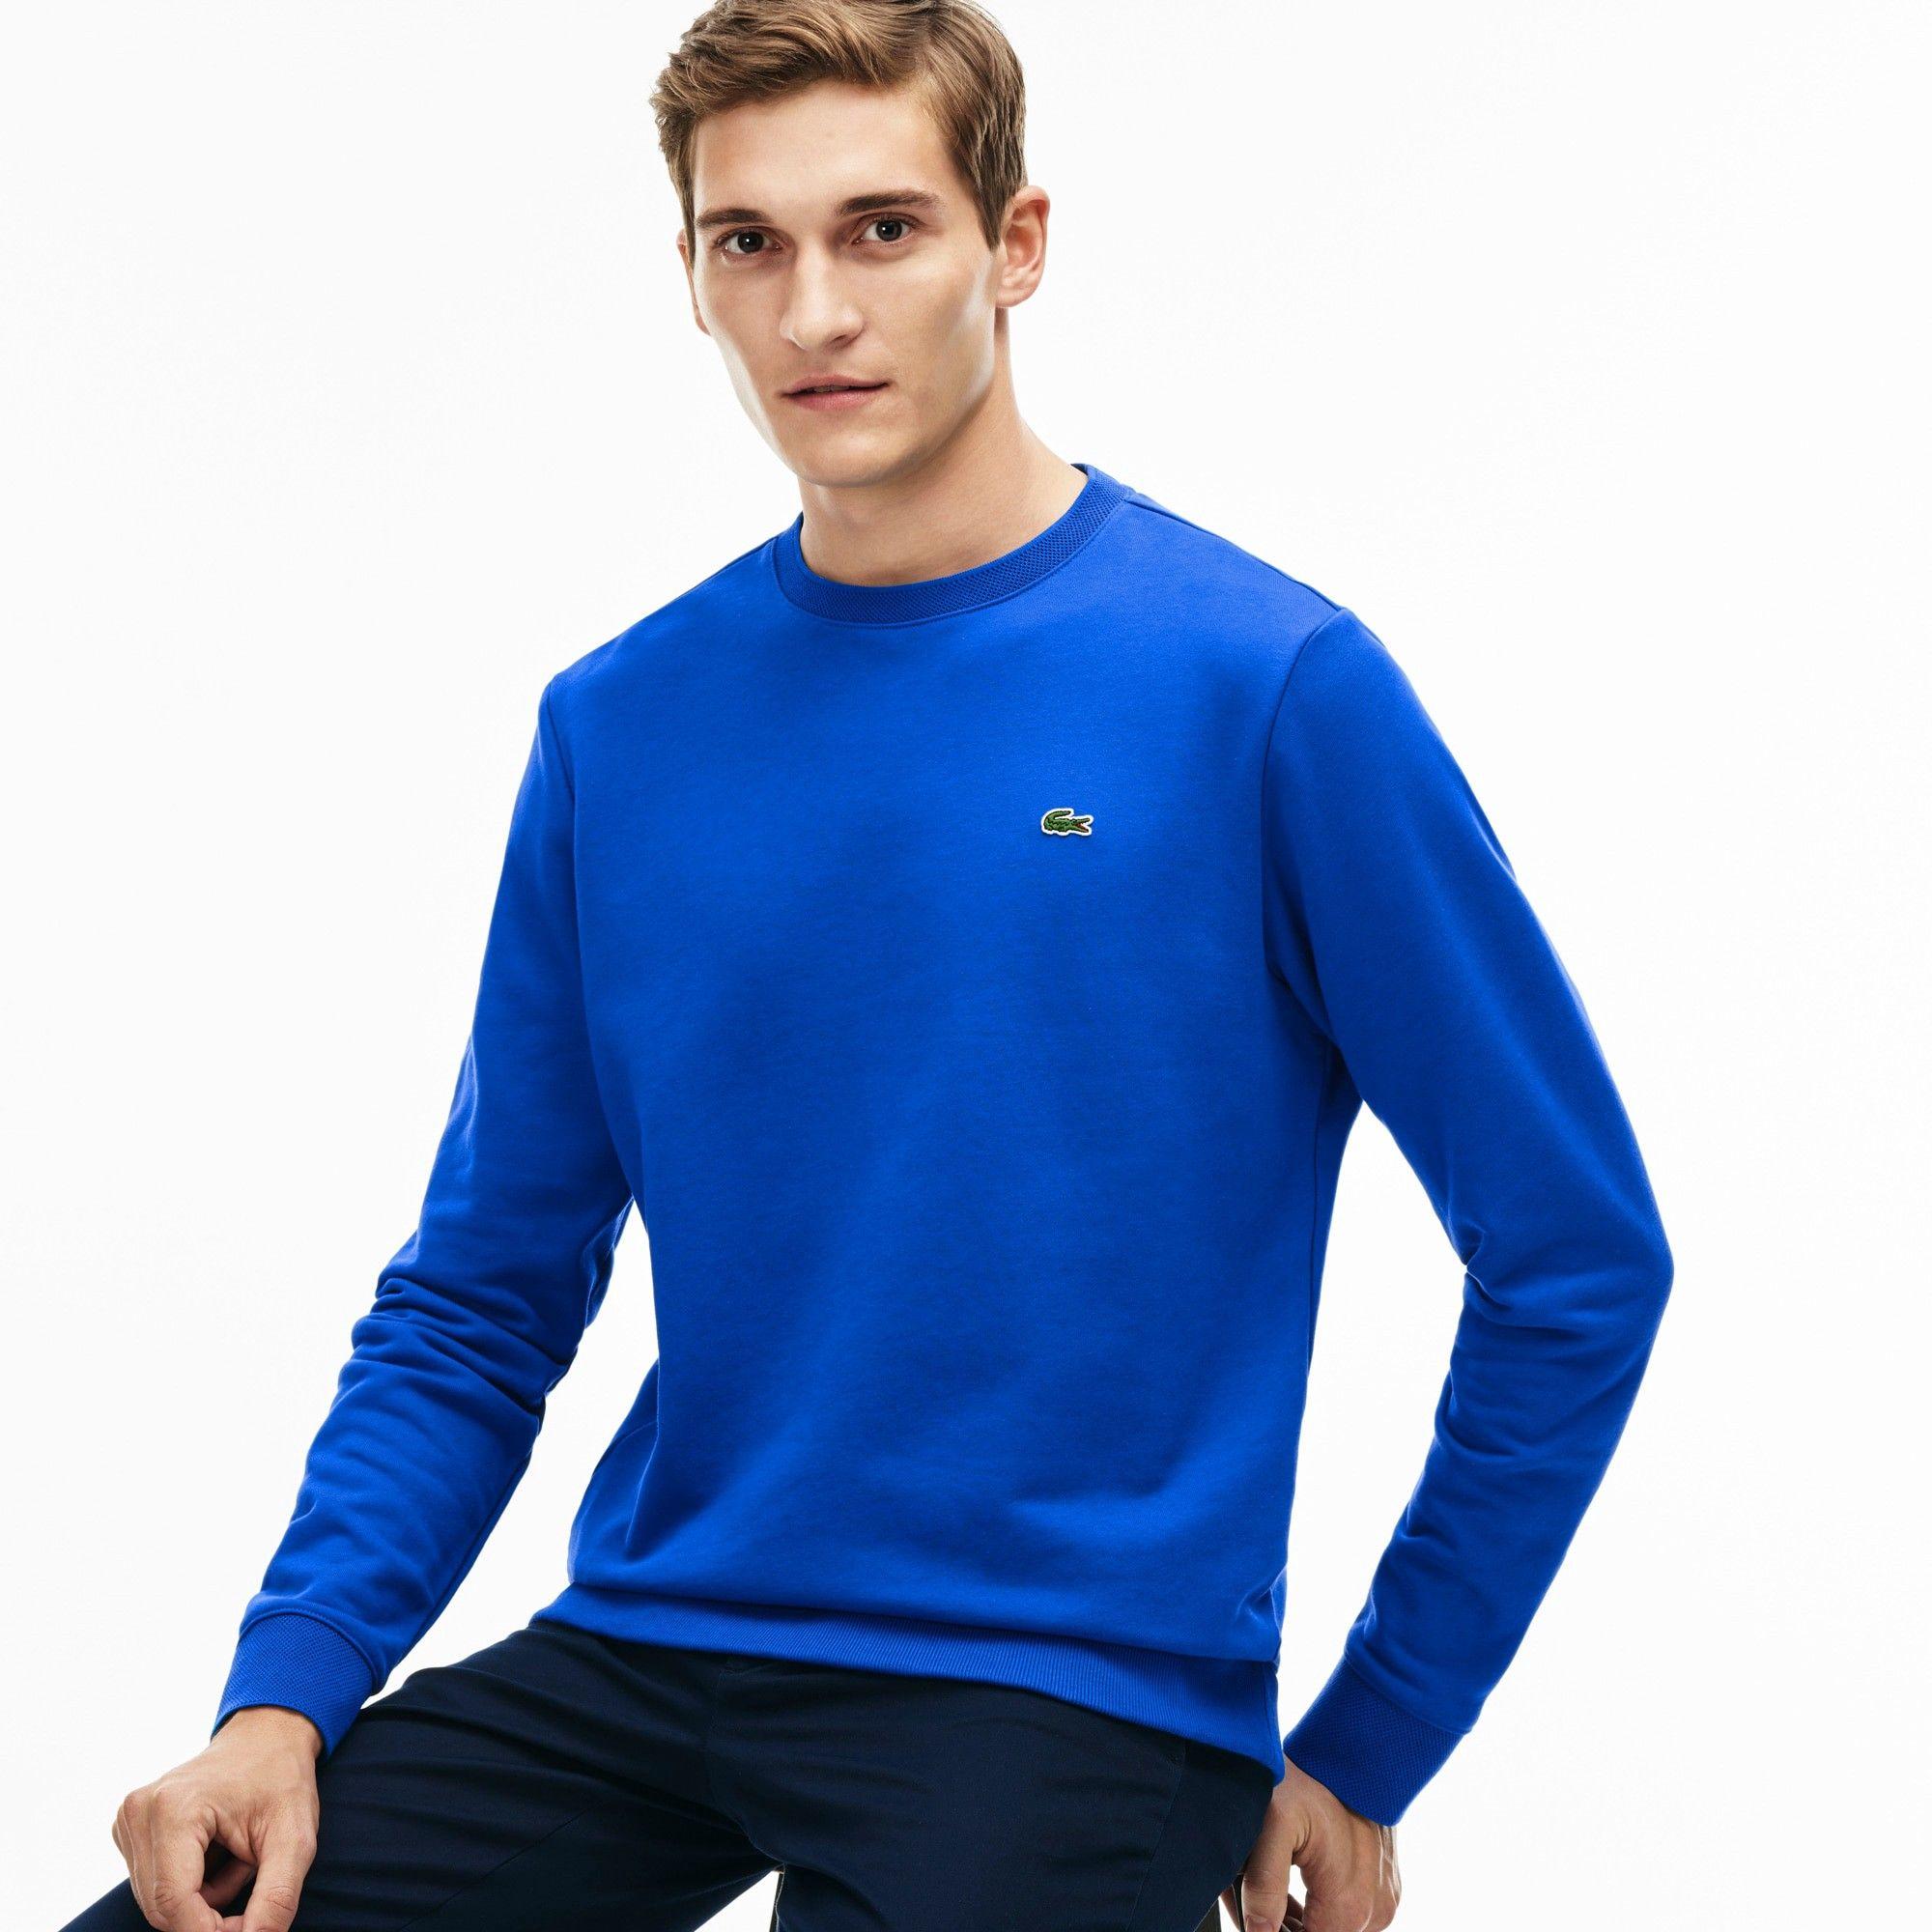 06907f999 LACOSTE Men s Fleece Sweatshirt - sapphire blue.  lacoste  cloth ...